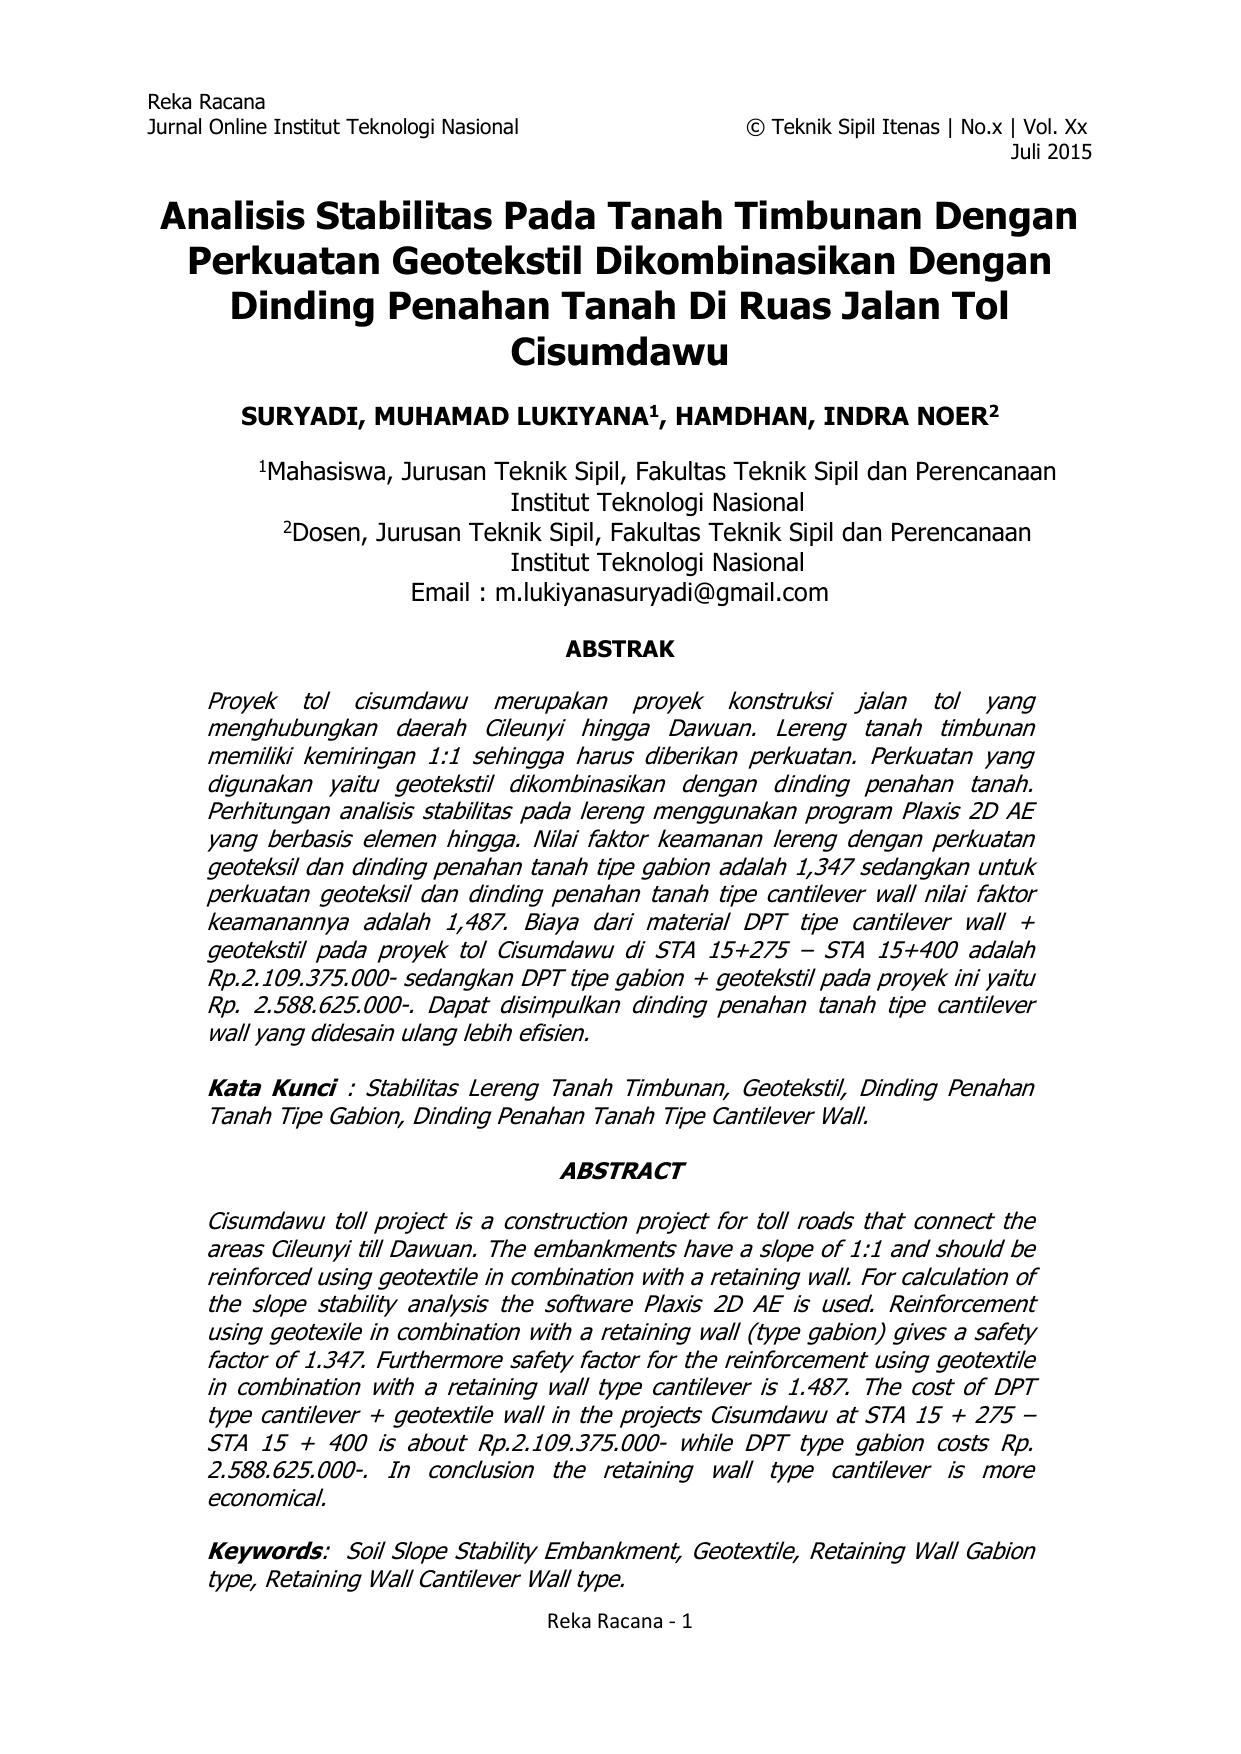 Analisis Stabilitas Pada Tanah Timbunan Dengan Perkuatan